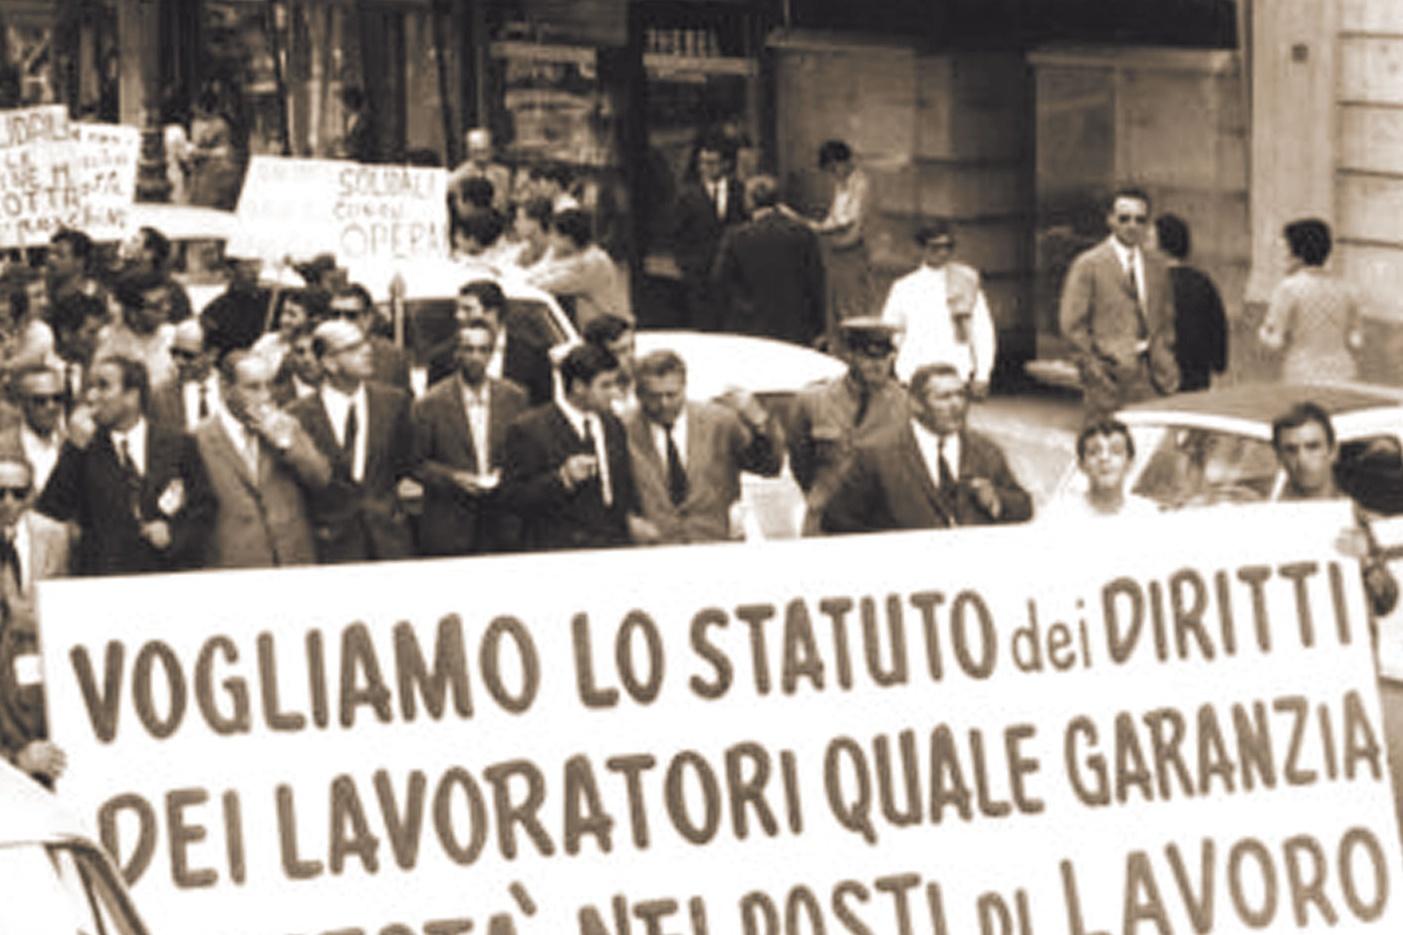 Manifestazione-a-favore-dello-Statuto-(foto-Fondazione-Donat-Cattin) Cropped